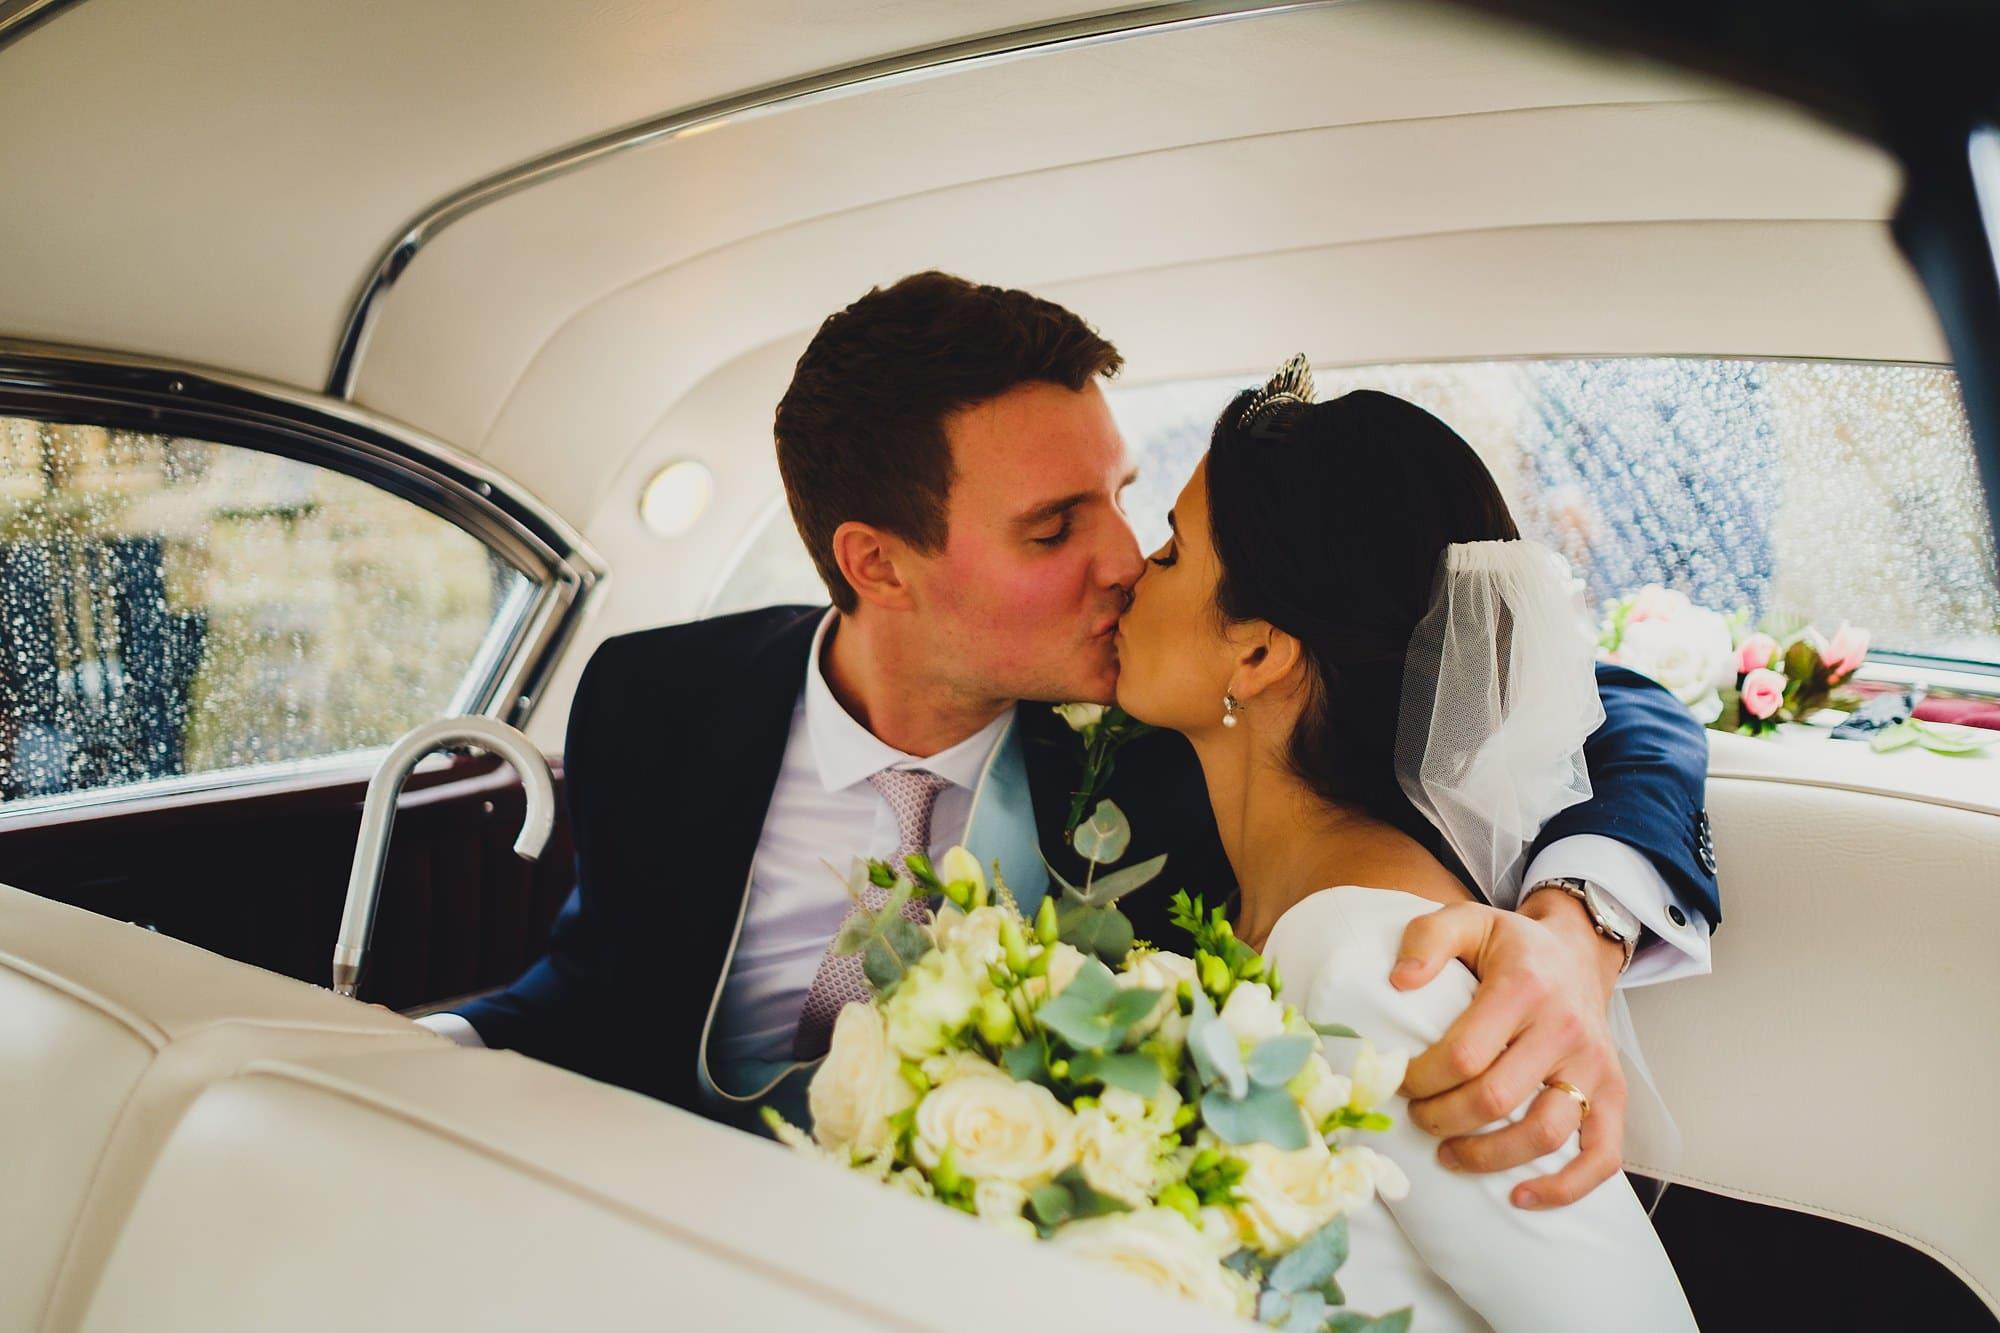 fulham palace wedding photographer ok 050 - Olivia + Kyle